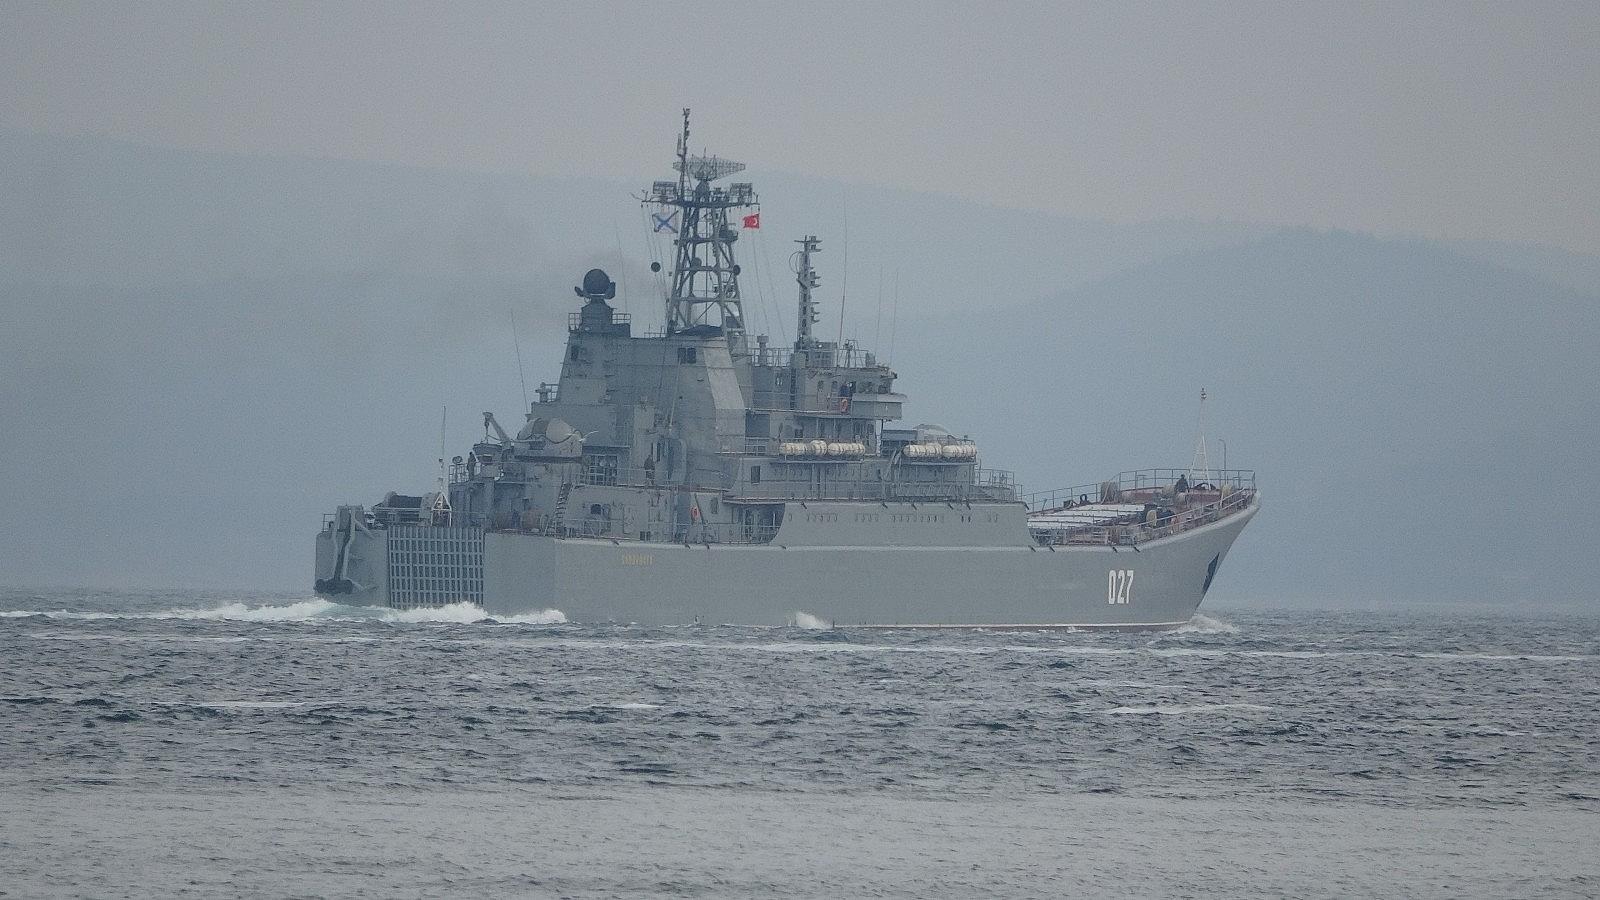 2021/04/rusya-gemilerini-karadenize-cekiyor-iki-savas-gemisi-canakkaleden-gecti-20210416AW29-5.jpg